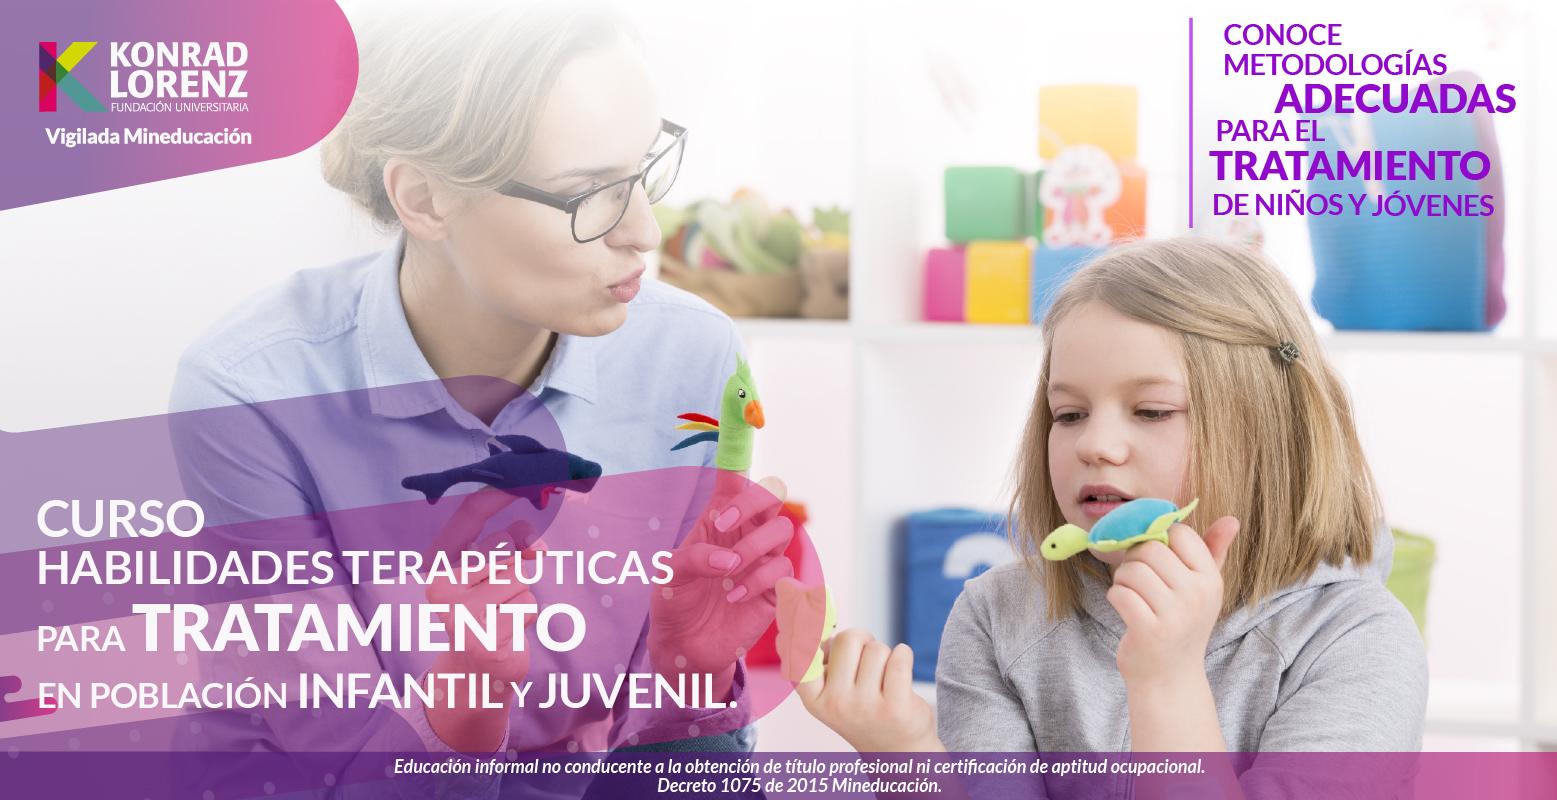 Entrenamiento en habilidades terapéuticas para psicólogos que trabajen en población infantil y juvenil